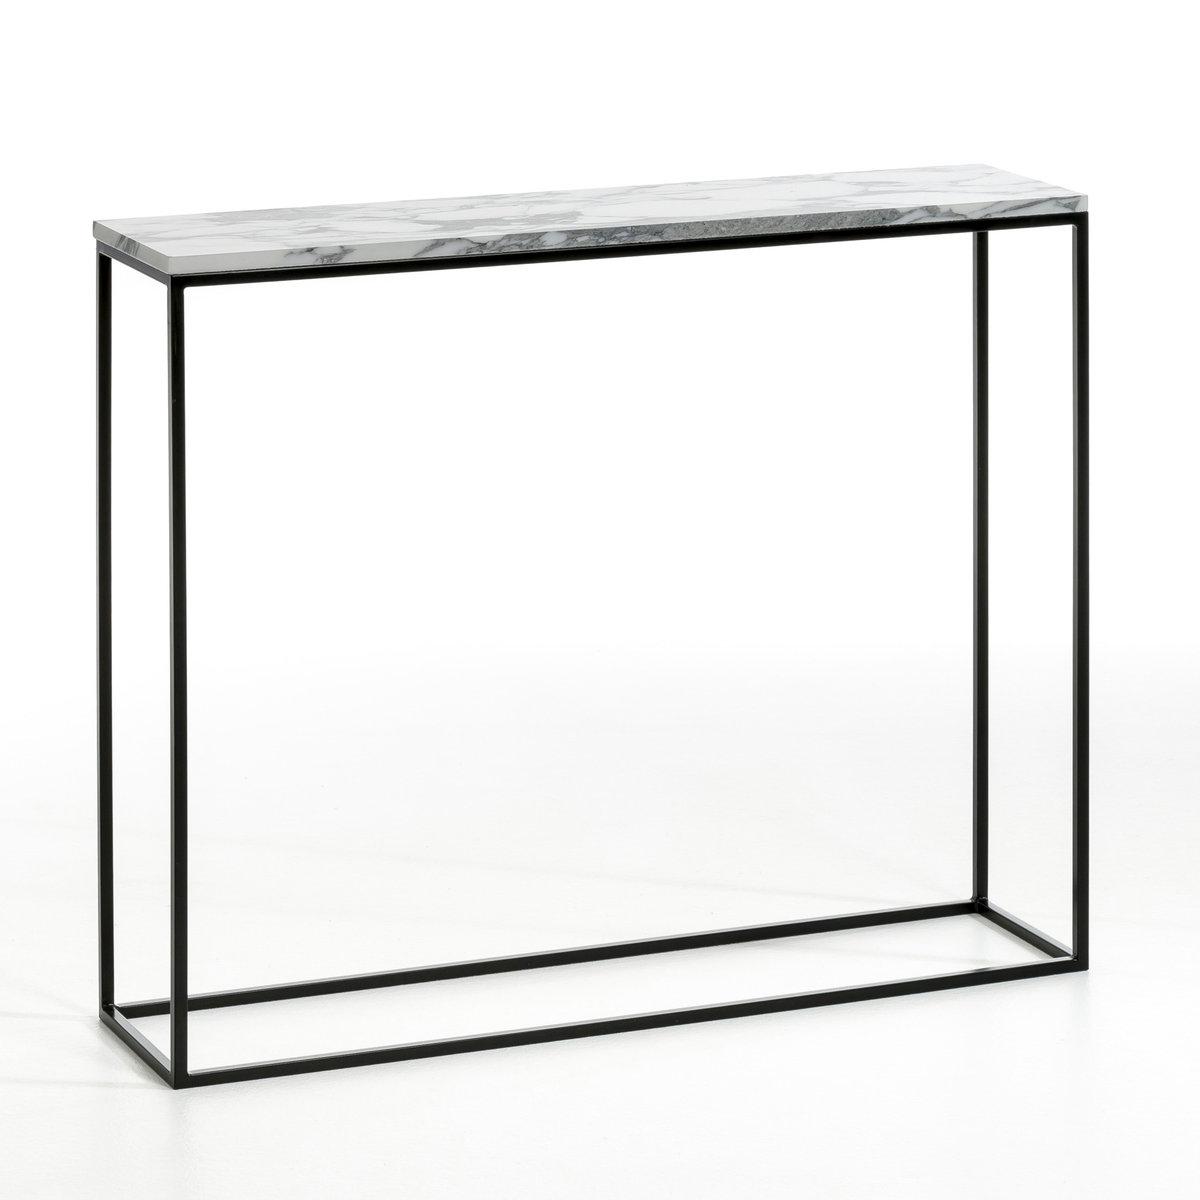 Столик из черного металла и мрамора, MahautСтолик Mahaut. Стильный эффект мрамора. Декоративный и практичный столик, стильный, узкий, легко впишется в  ваш интерьер. Характеристики :- Корпус из металла черного цвета, матовое эпоксидное покрытие- Столешница под мрамор. Размеры : - Дл. 90 x Выс. 75 x Гл. 22 смРазмеры и вес упаковки : - Дл. 100 x Выс. 23 x Гл. 75,5 см, 21 кгДоставка :Доставка до квартиры !Внимание ! Убедитесь в том, что товар возможно доставить на дом, учитывая его габариты (проходит в двери, по лестницам, в лифты).<br><br>Цвет: черный